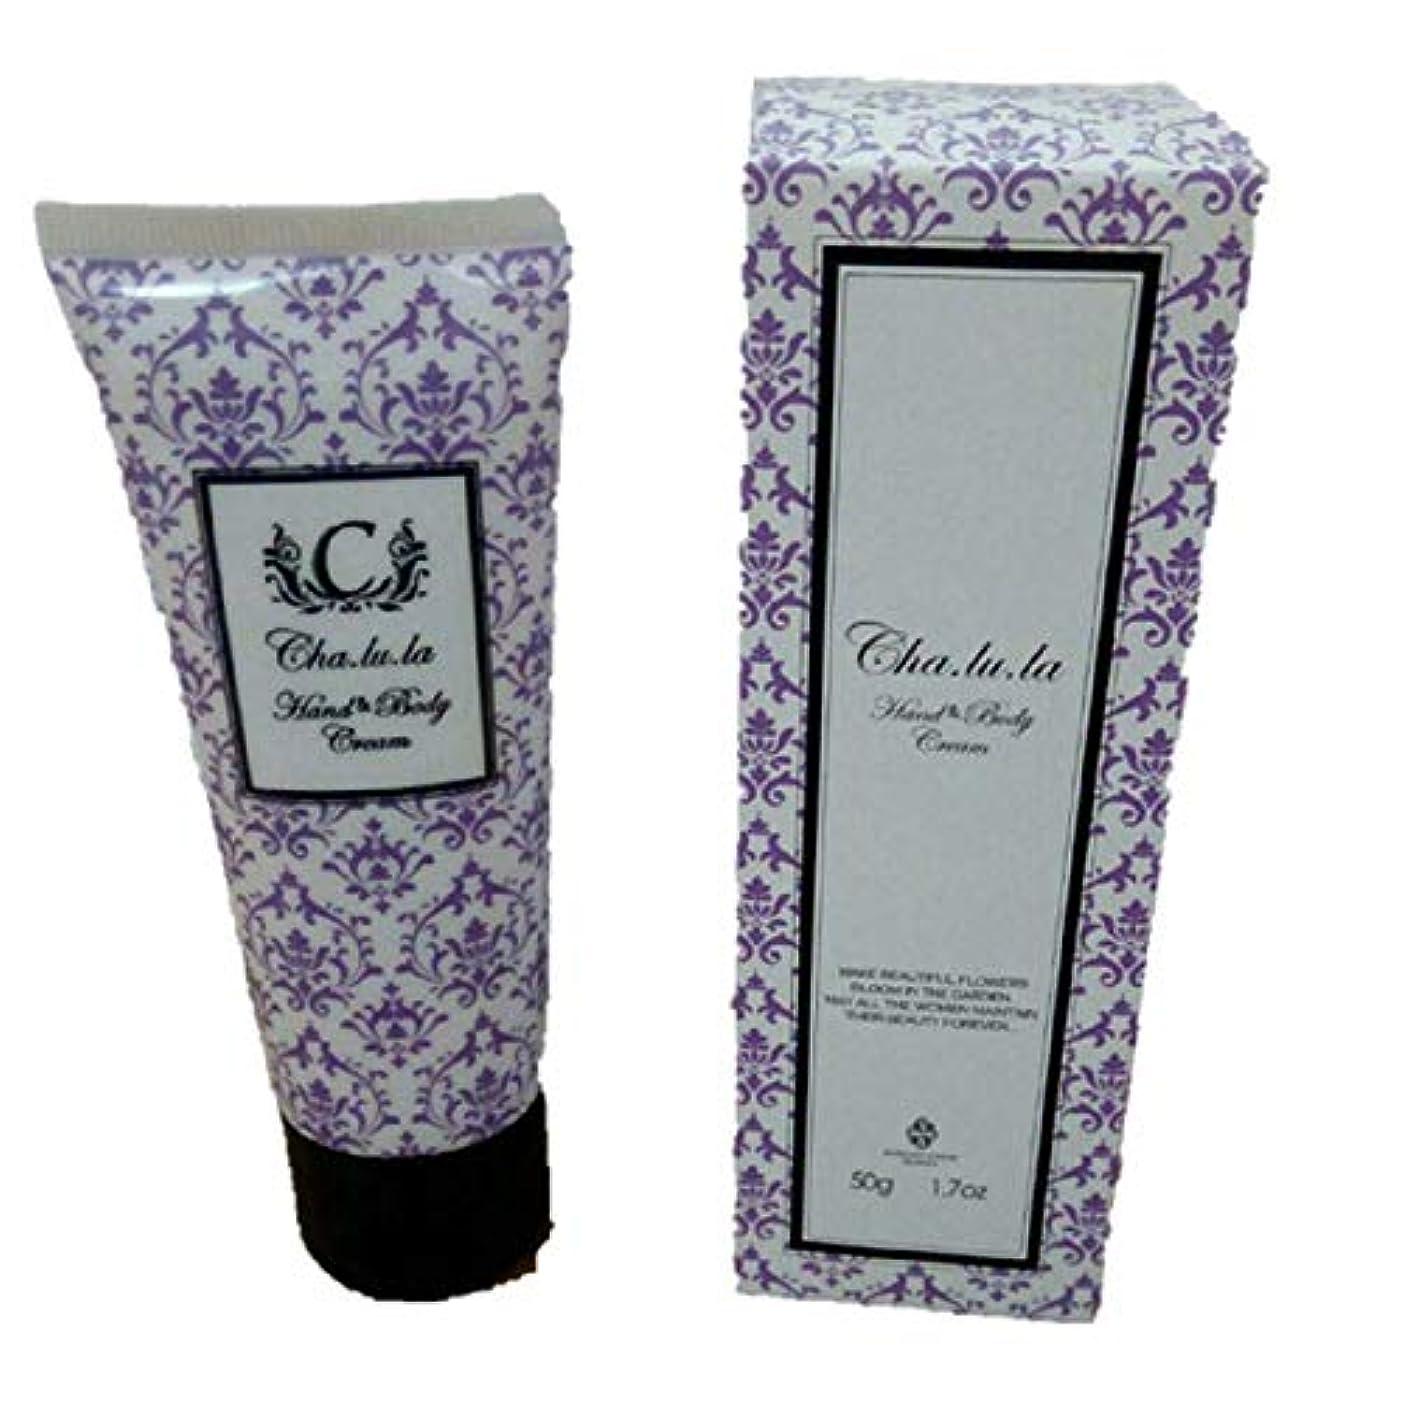 振る告白状態シャルラ H&Bクリーム ドリーミースウィートの香り ハンド&ボディークリーム 50g